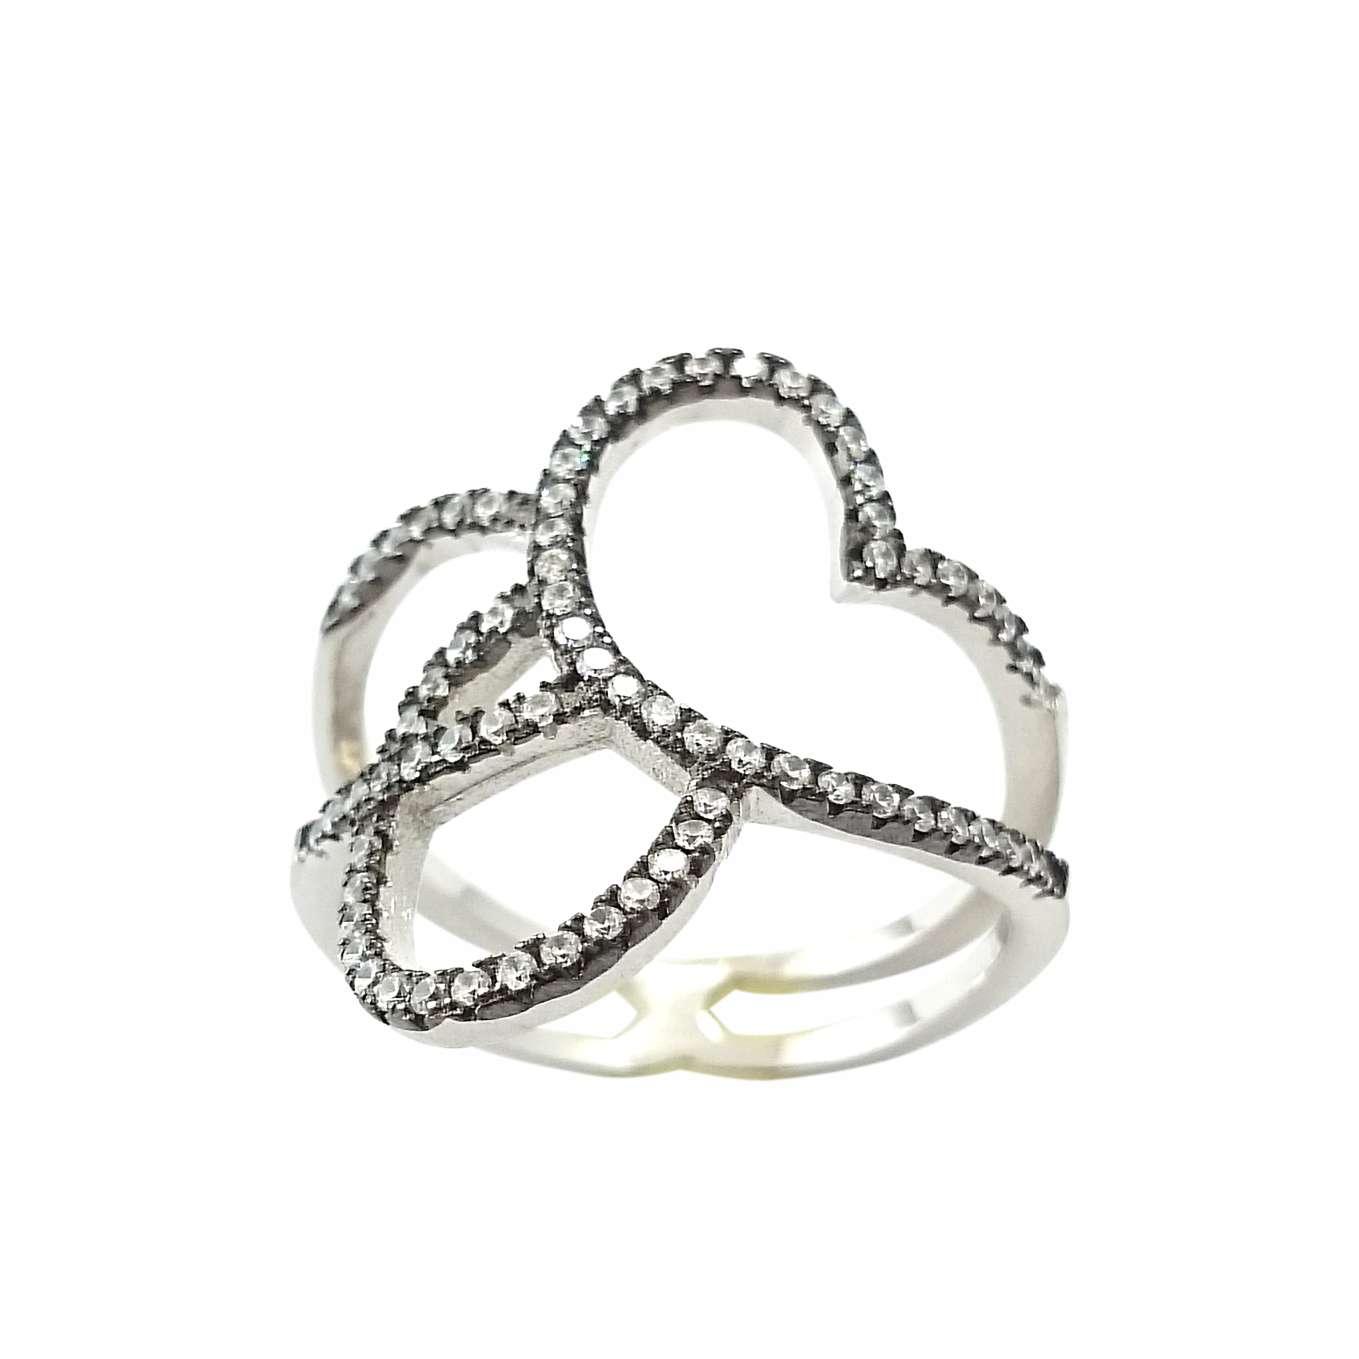 Δαχτυλίδι Ασημένιο Επιπλατινωμένο Με Λευκά Ζιργκόν ΔΟ20514